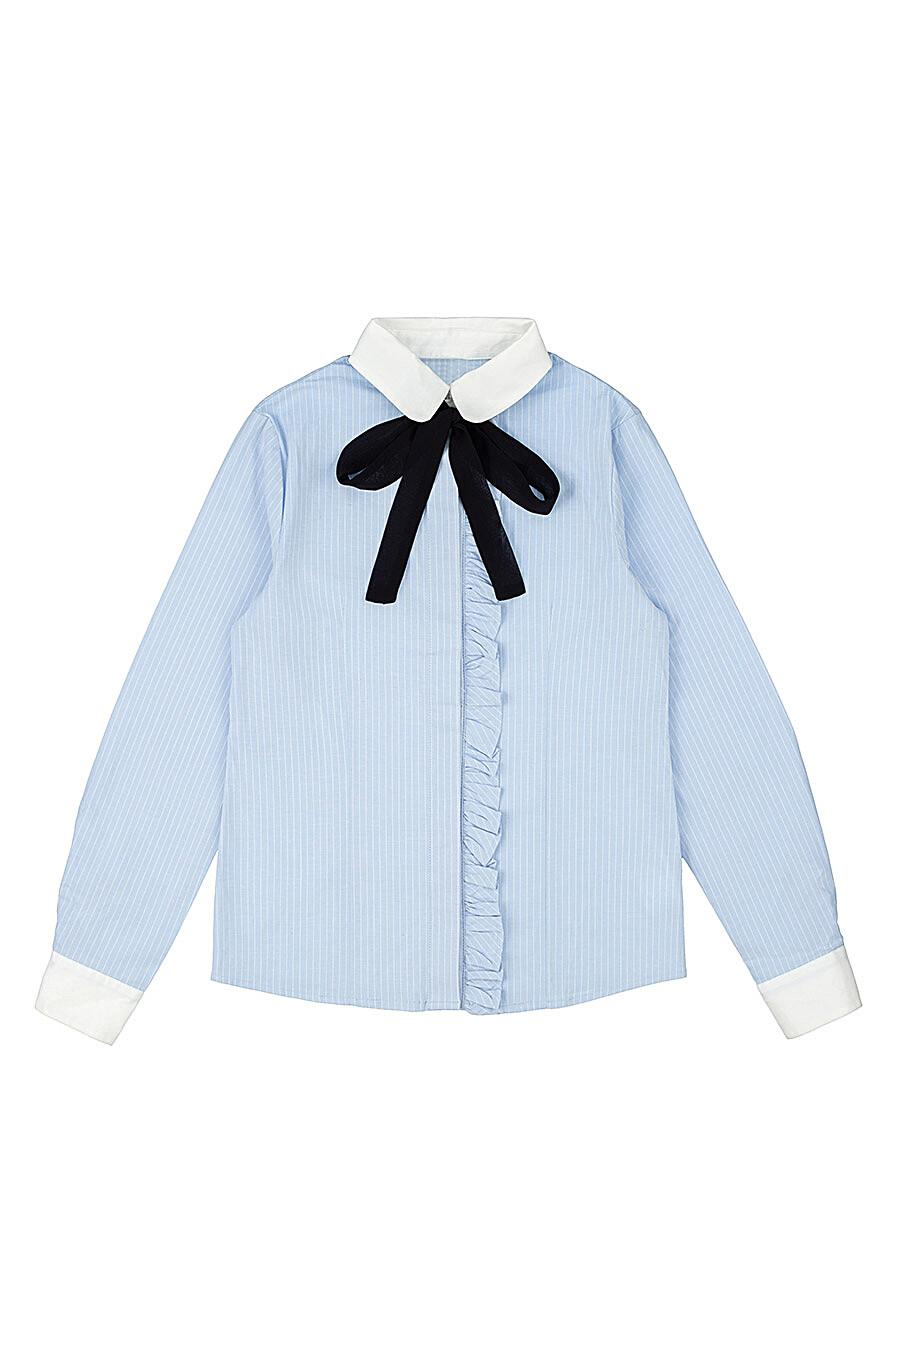 Блуза для девочек IN FUNT 219146 купить оптом от производителя. Совместная покупка детской одежды в OptMoyo